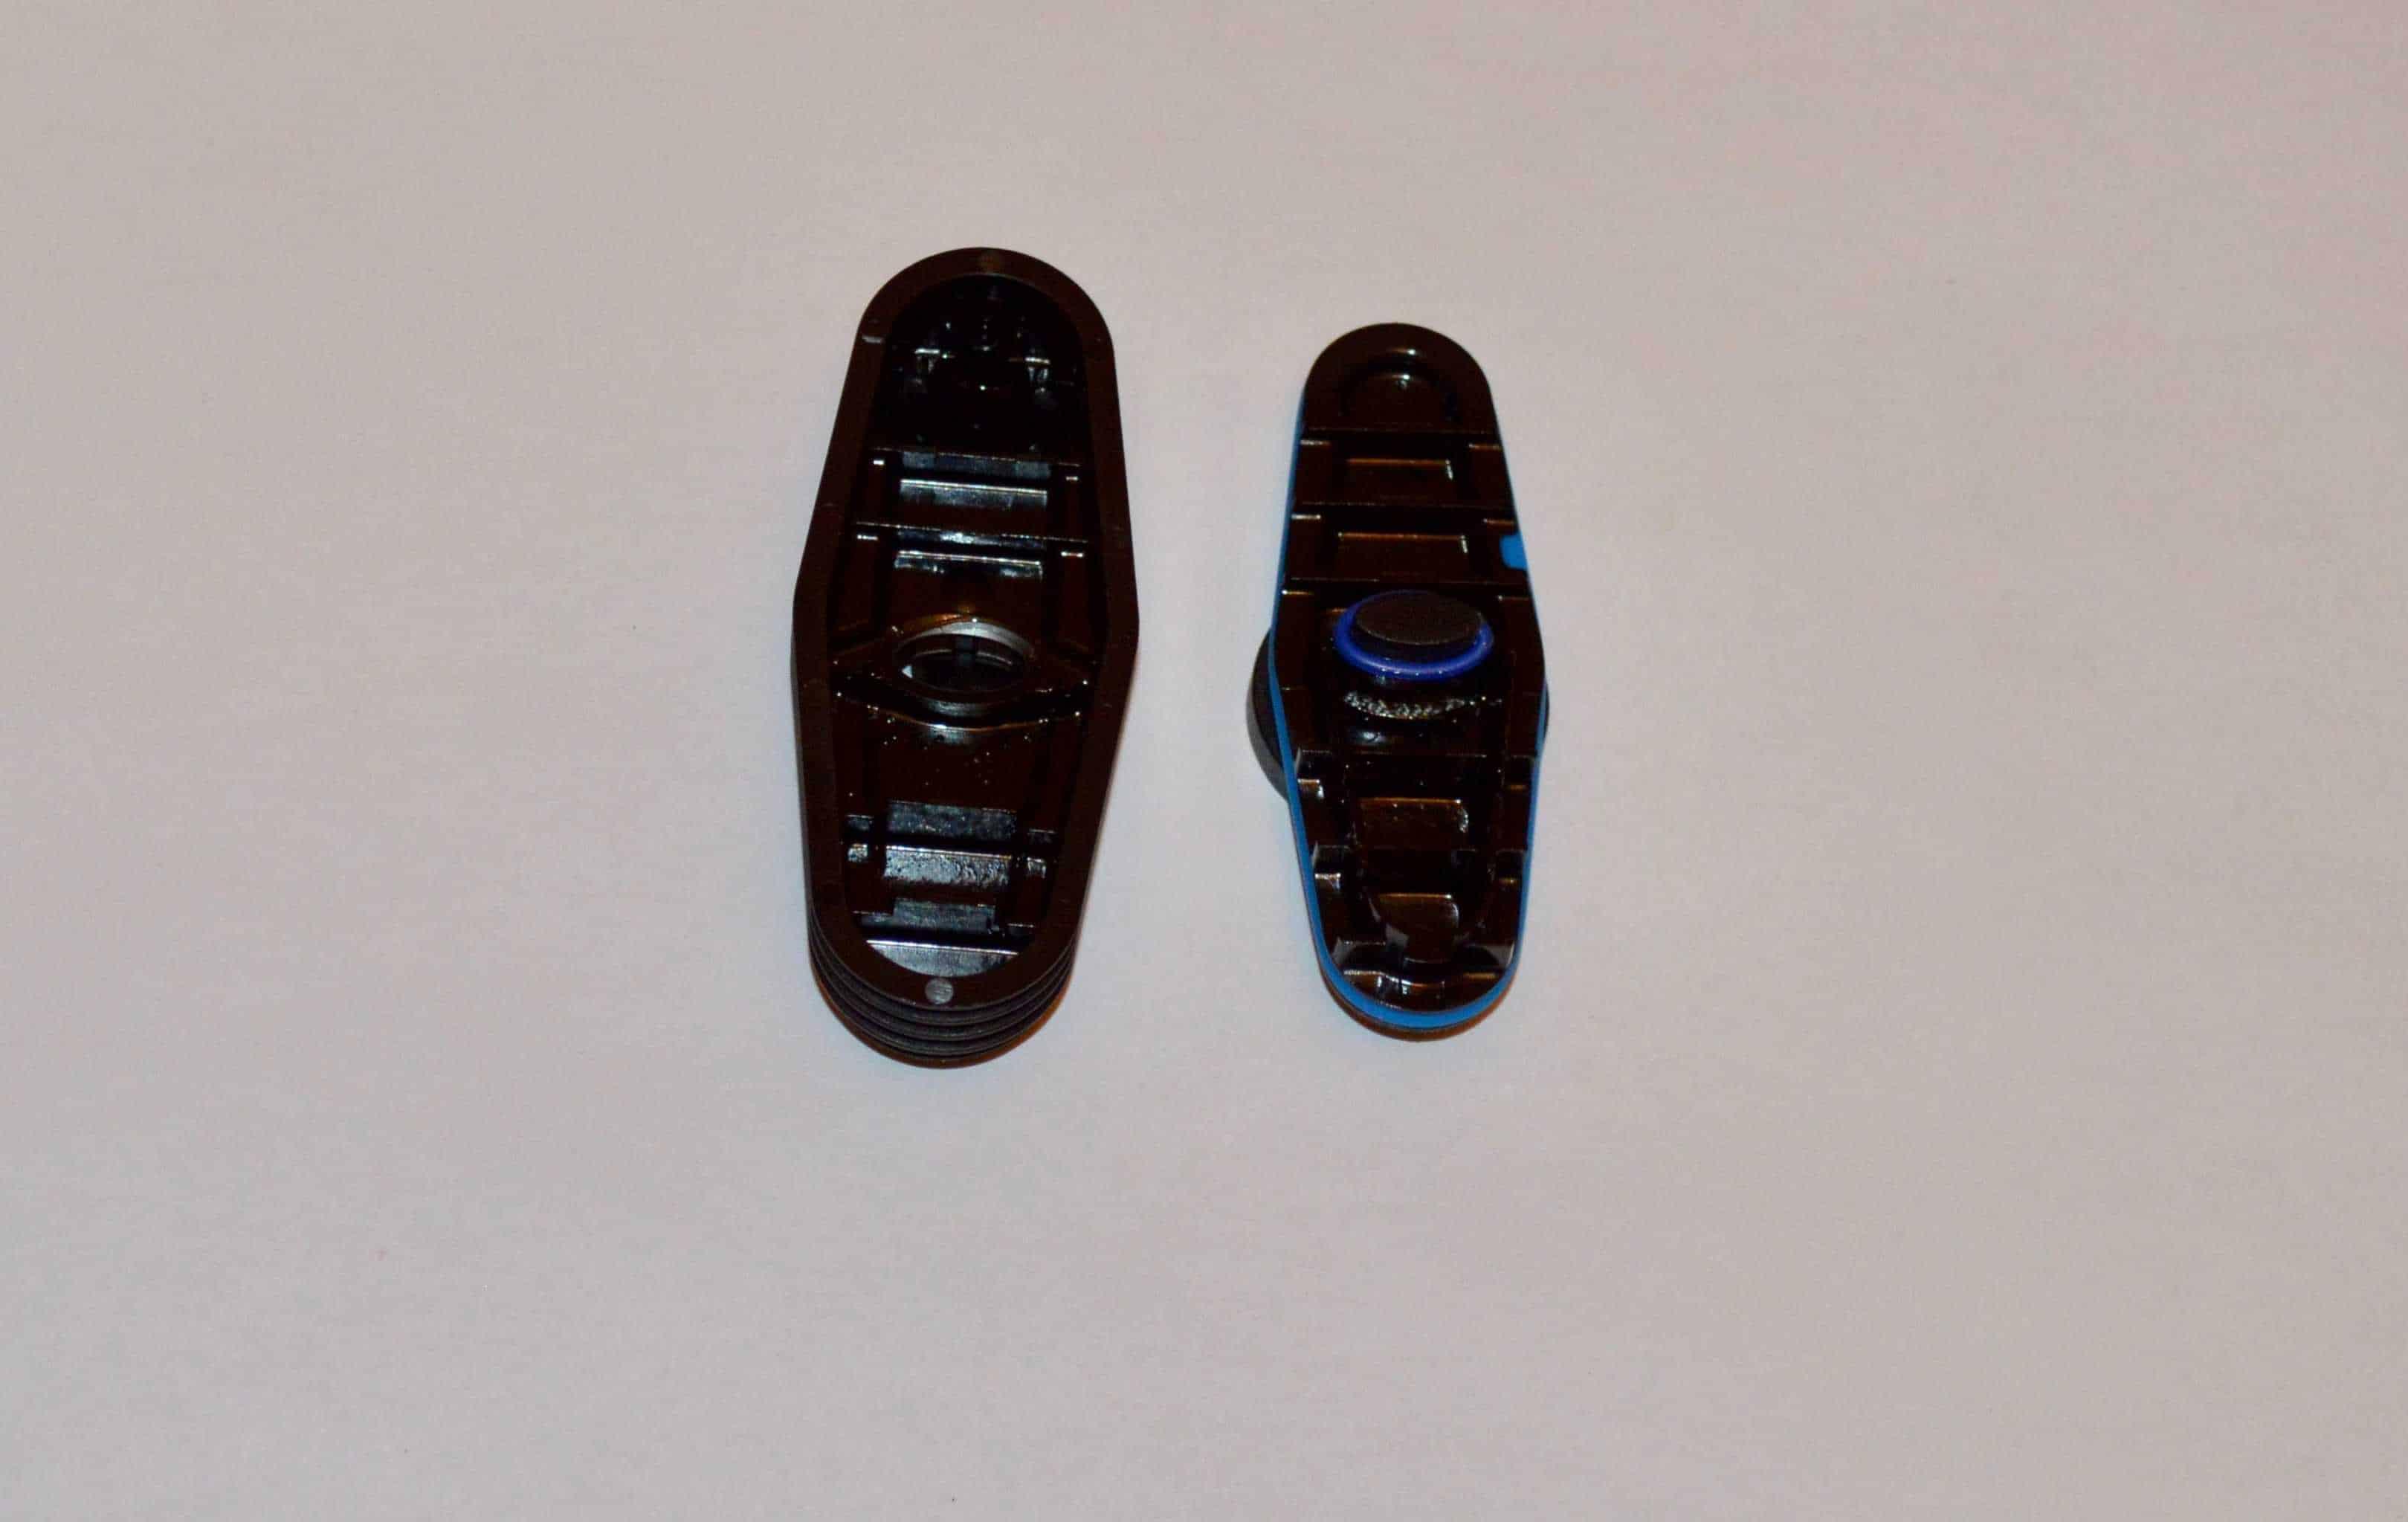 Wnętrze jednostki chłodzącej parę wymaga regularnego czyszczenia.